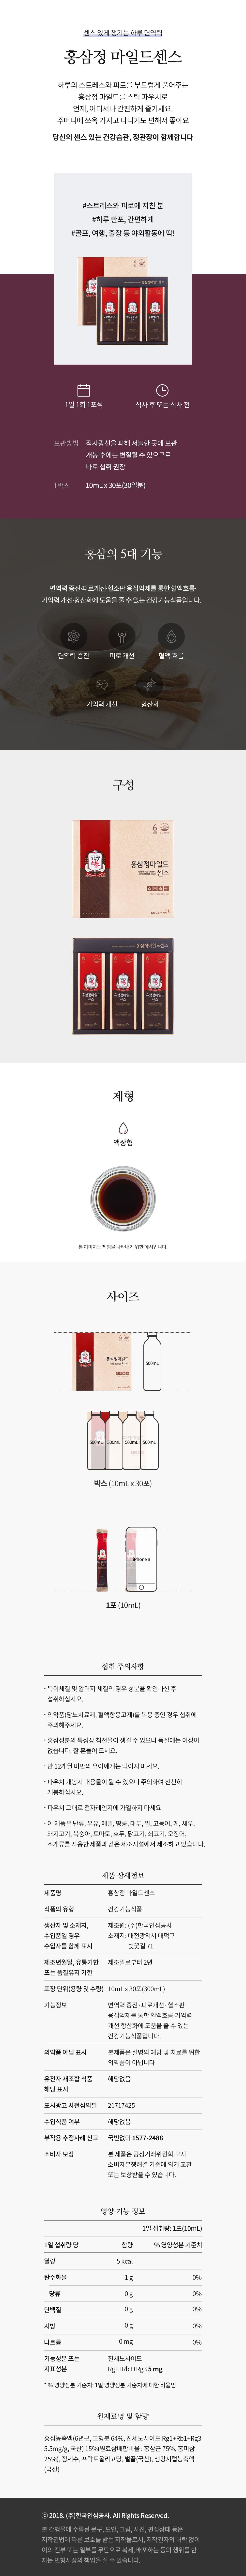 홍삼정마일드센스Web_쇼핑백X.jpg